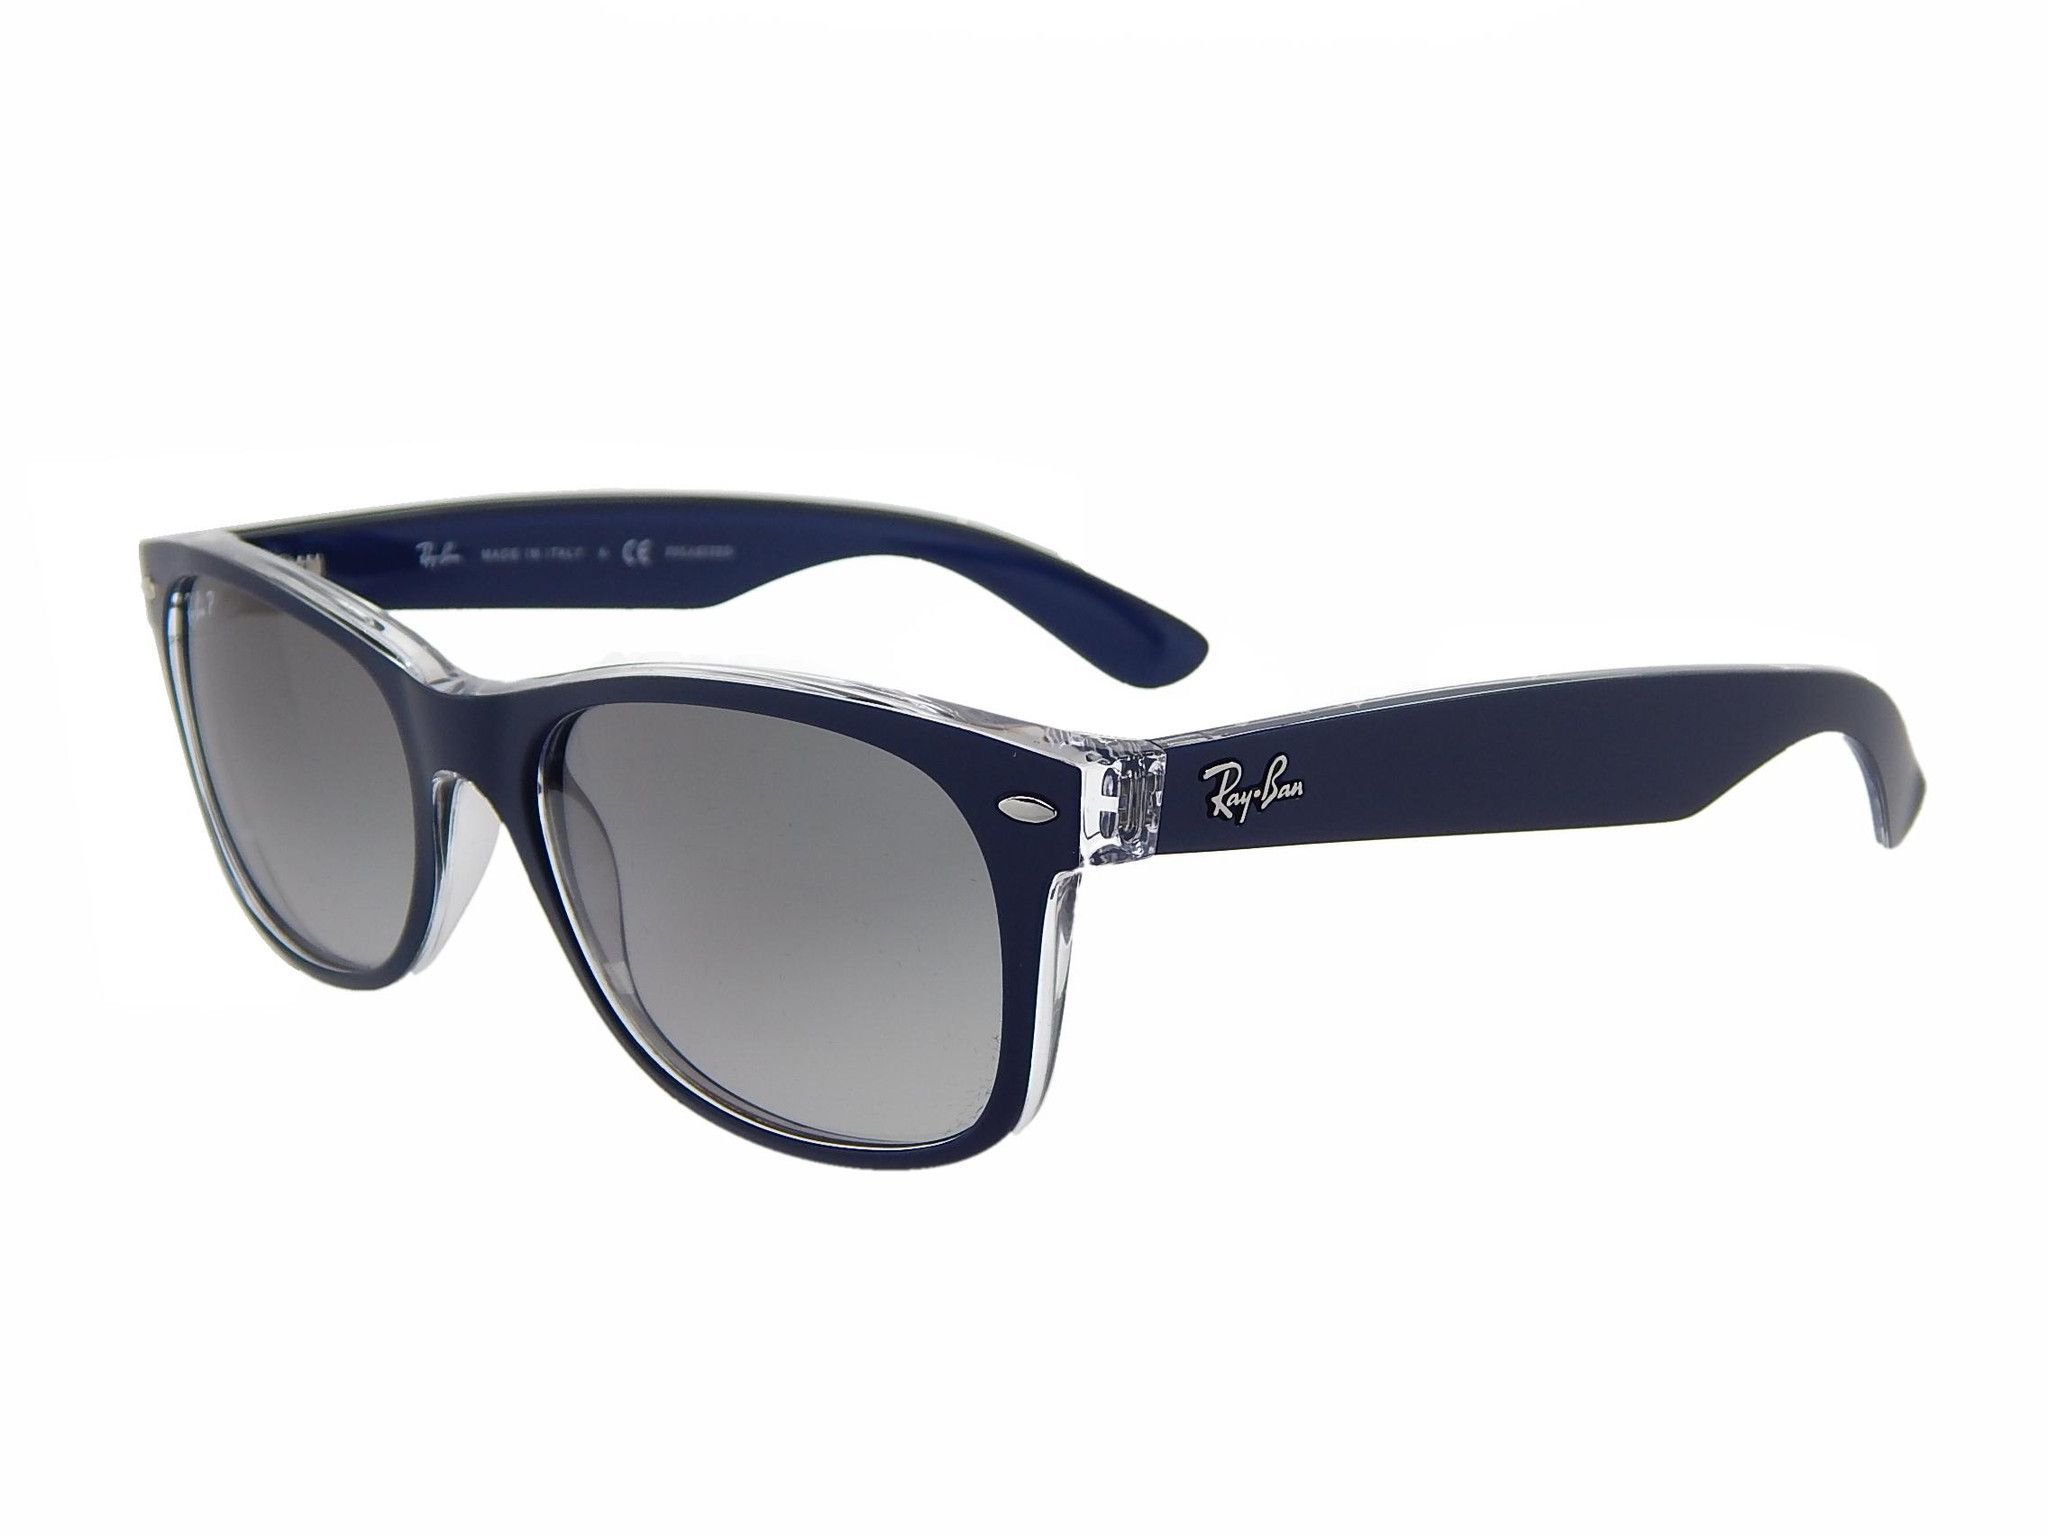 ray ban sunglasses models name